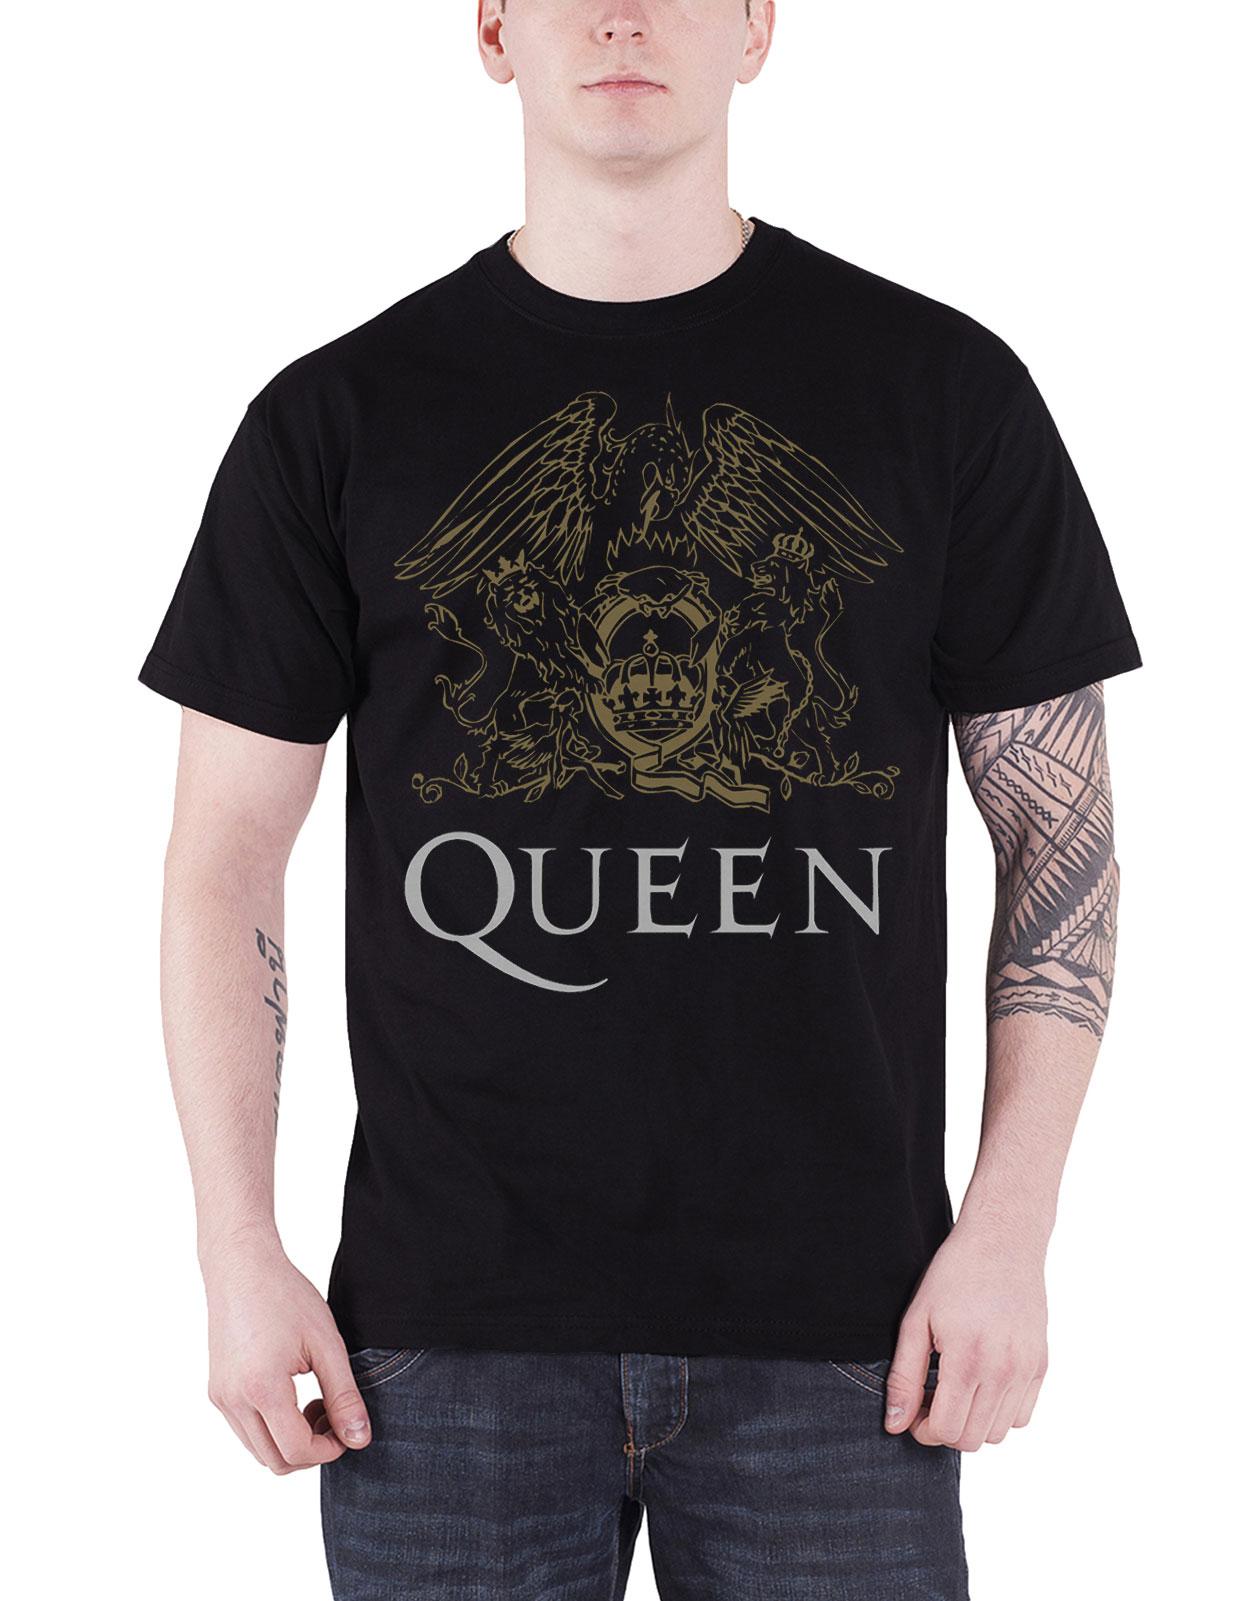 Queen-T-Shirt-mens-Crest-band-logo-Bohemian-